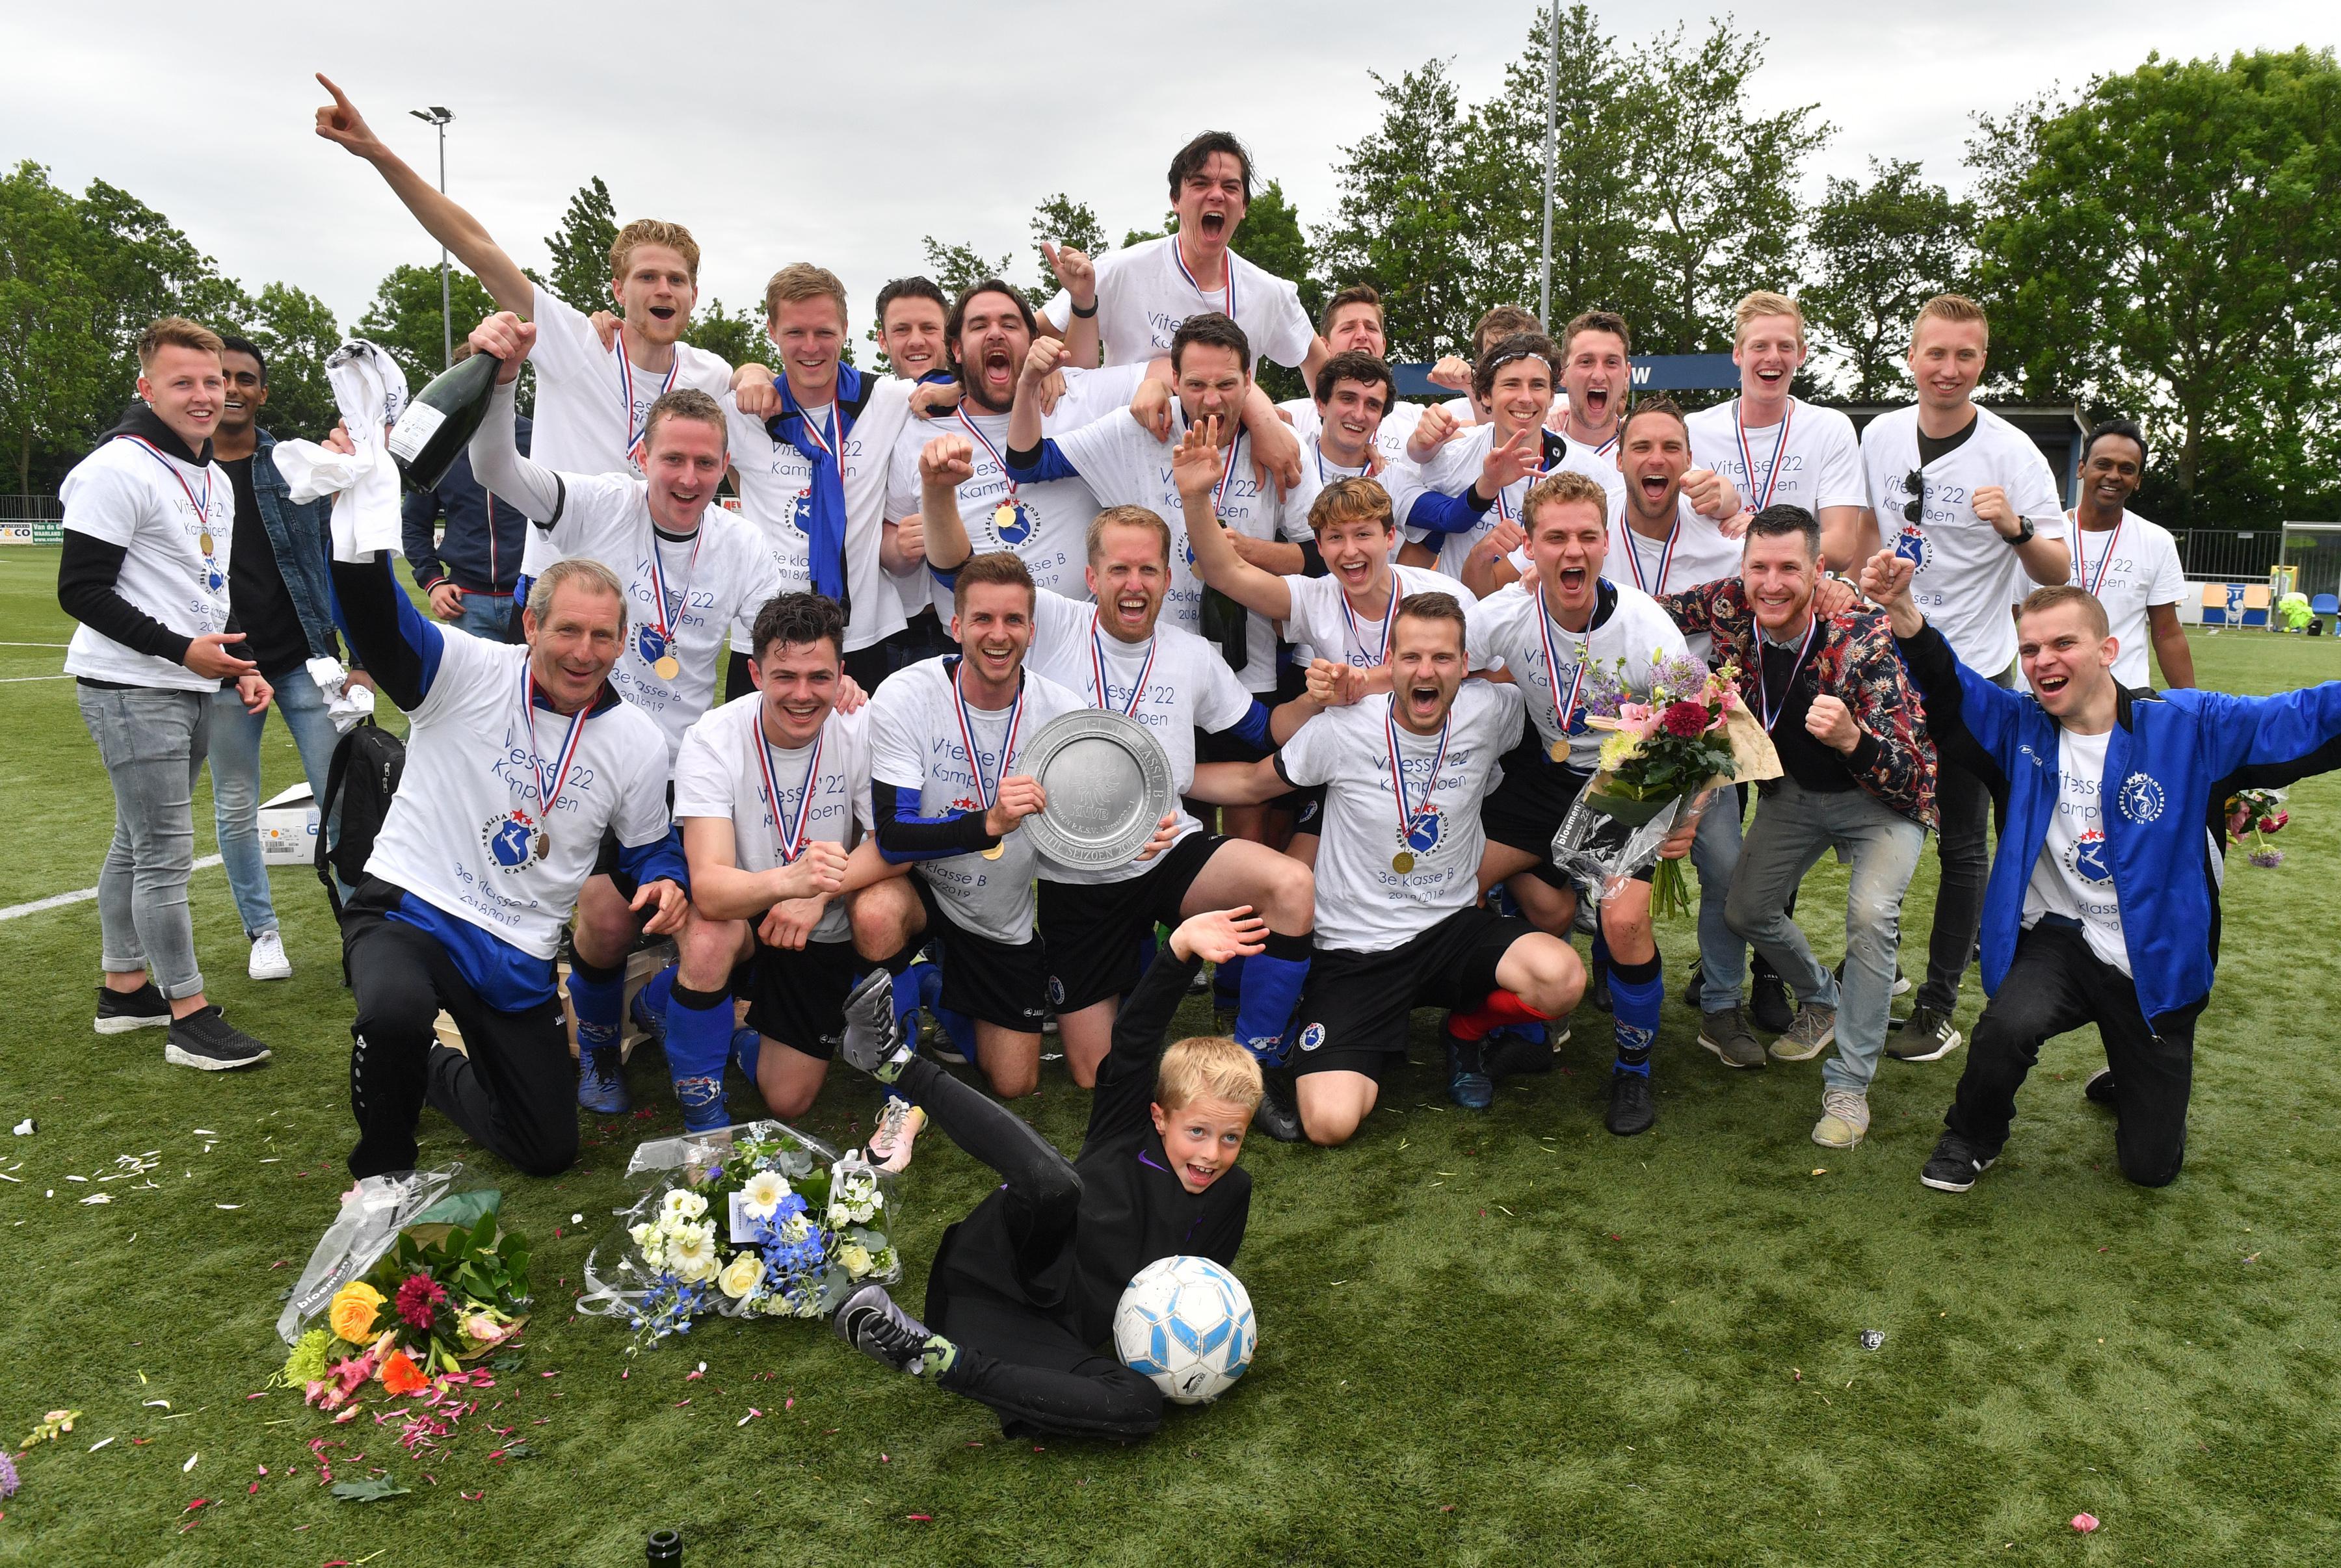 Trainers moeten afscheid nemen van afstand. De hoogte- en dieptepunten van afzwaaiende coaches Bronkhorst (ADO'20), Pronk (Uitgeest) en Sluijter (Vitesse'22). 'Met de titel was de cirkel rond'